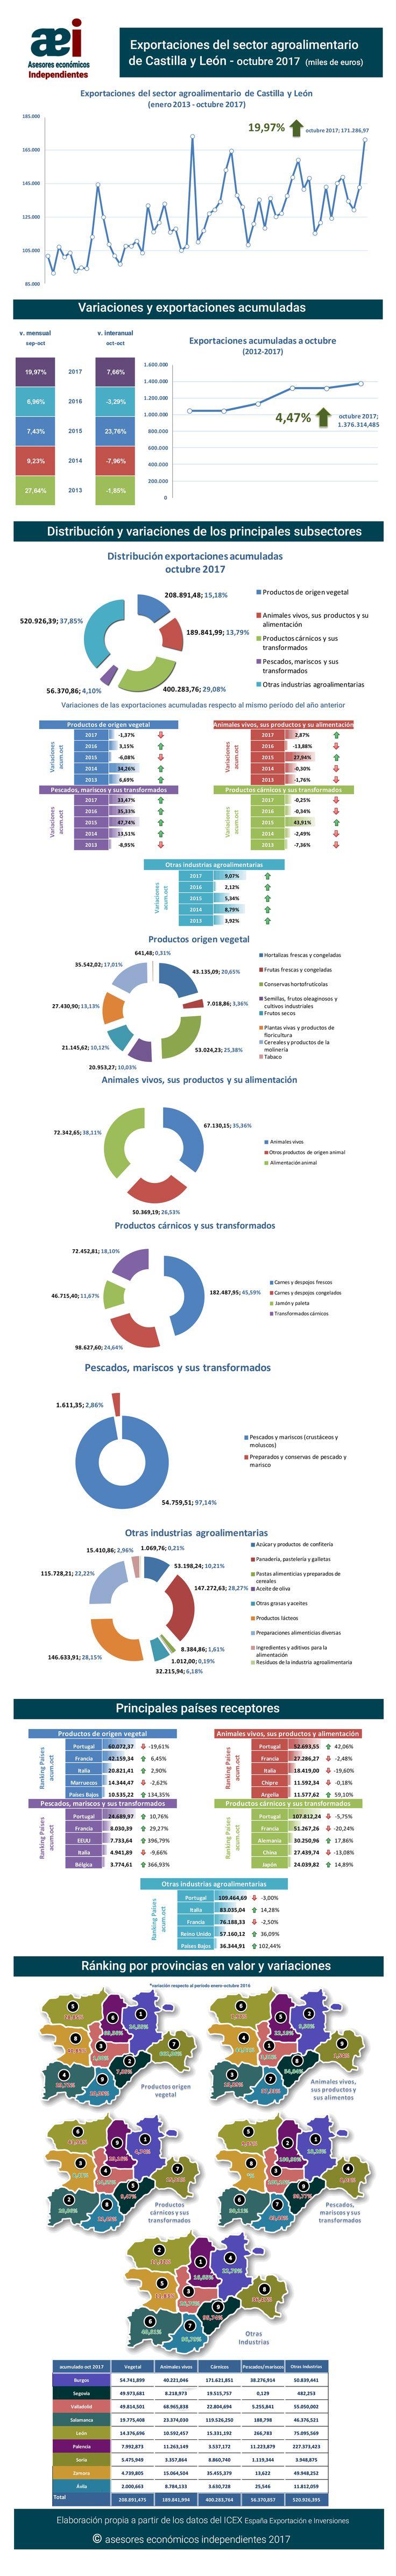 infografía de exportaciones del sector agroalimentario de Castilla y León en el mes de octubre 2017 realizada por Javier Méndez Lirón para asesores económicos independientes